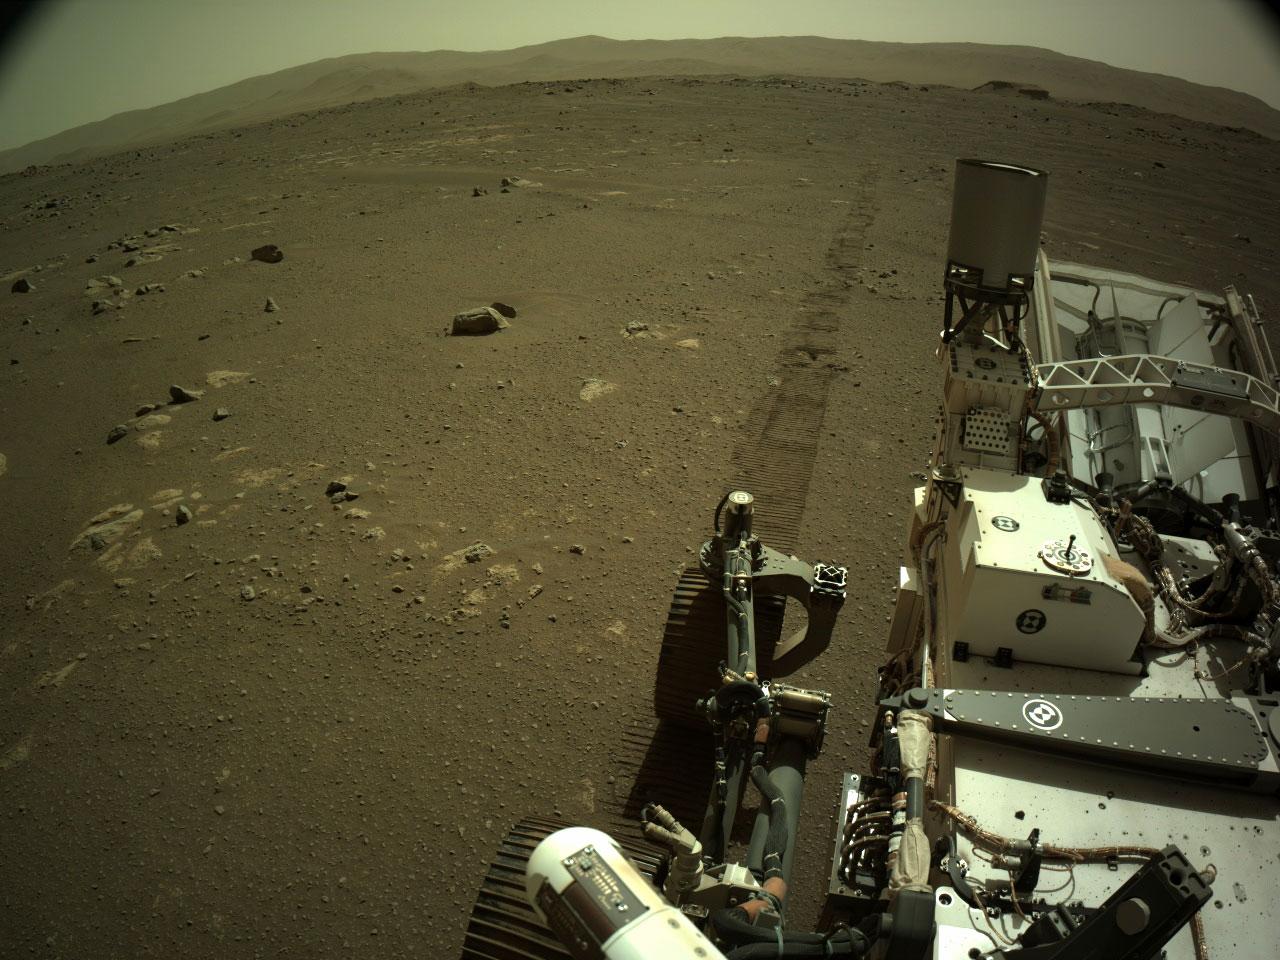 Le rover Perseverance de la NASA a acquis cette image le 7 mars 2021 à l'aide de sa caméra de navigation gauche.  Le même jour, le microphone d'entrée, de descente et d'atterrissage de Perseverance a enregistré l'audio du rover conduisant, une autre exploration d'abord pour la mission.